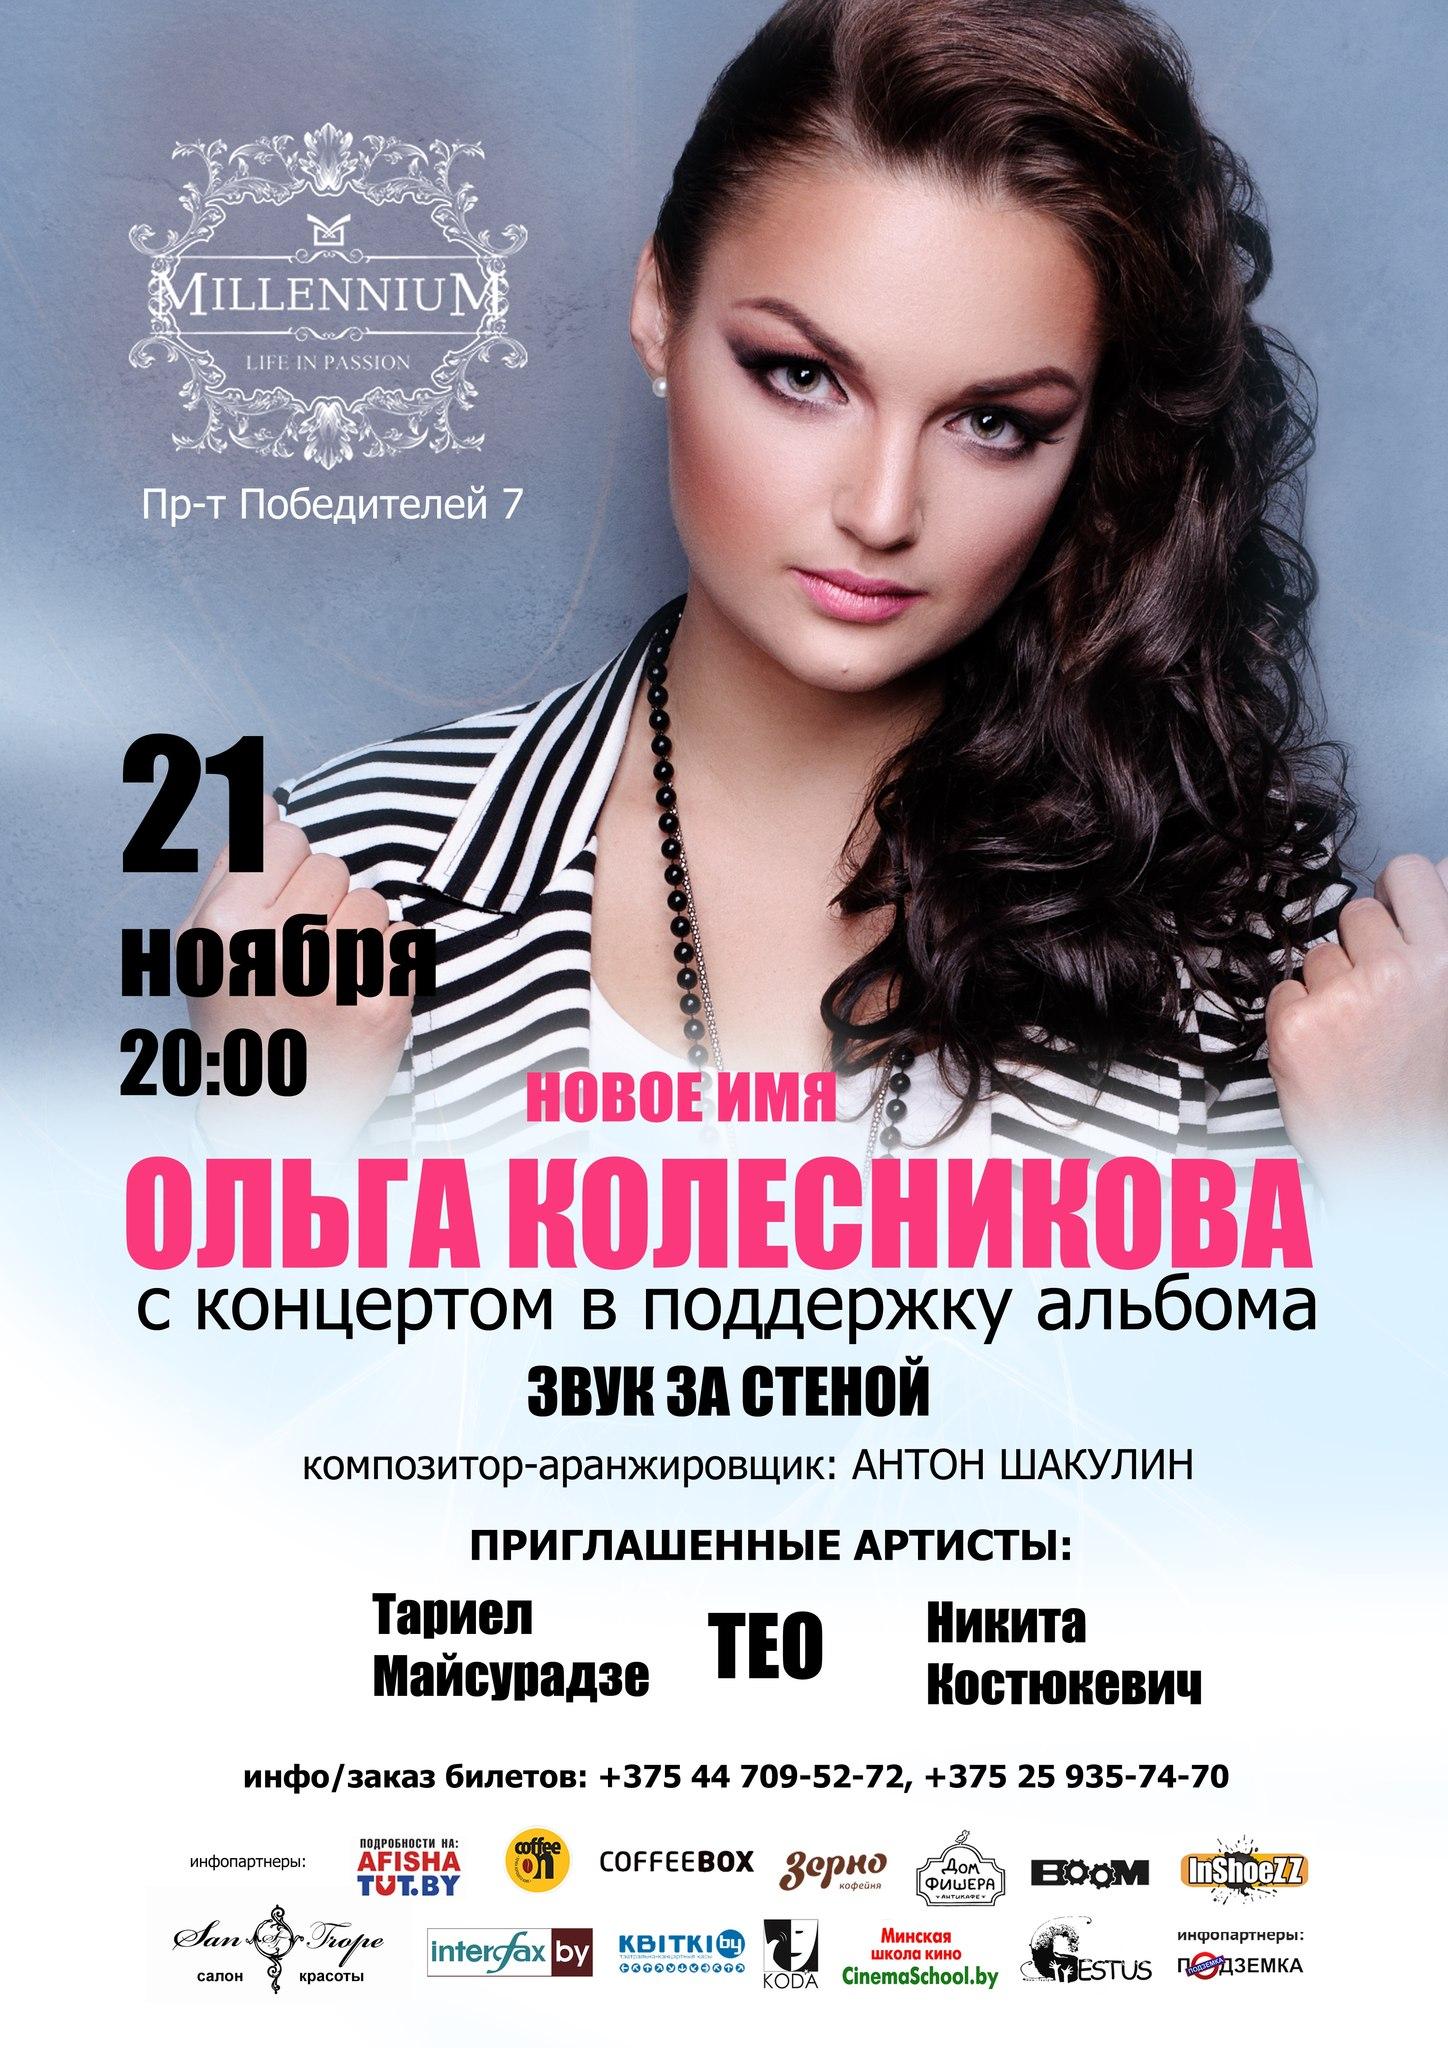 Концерт-спектакль «Новое имя Ольга Колесникова» (афиша; Минск, 21.11.2014 20:00)